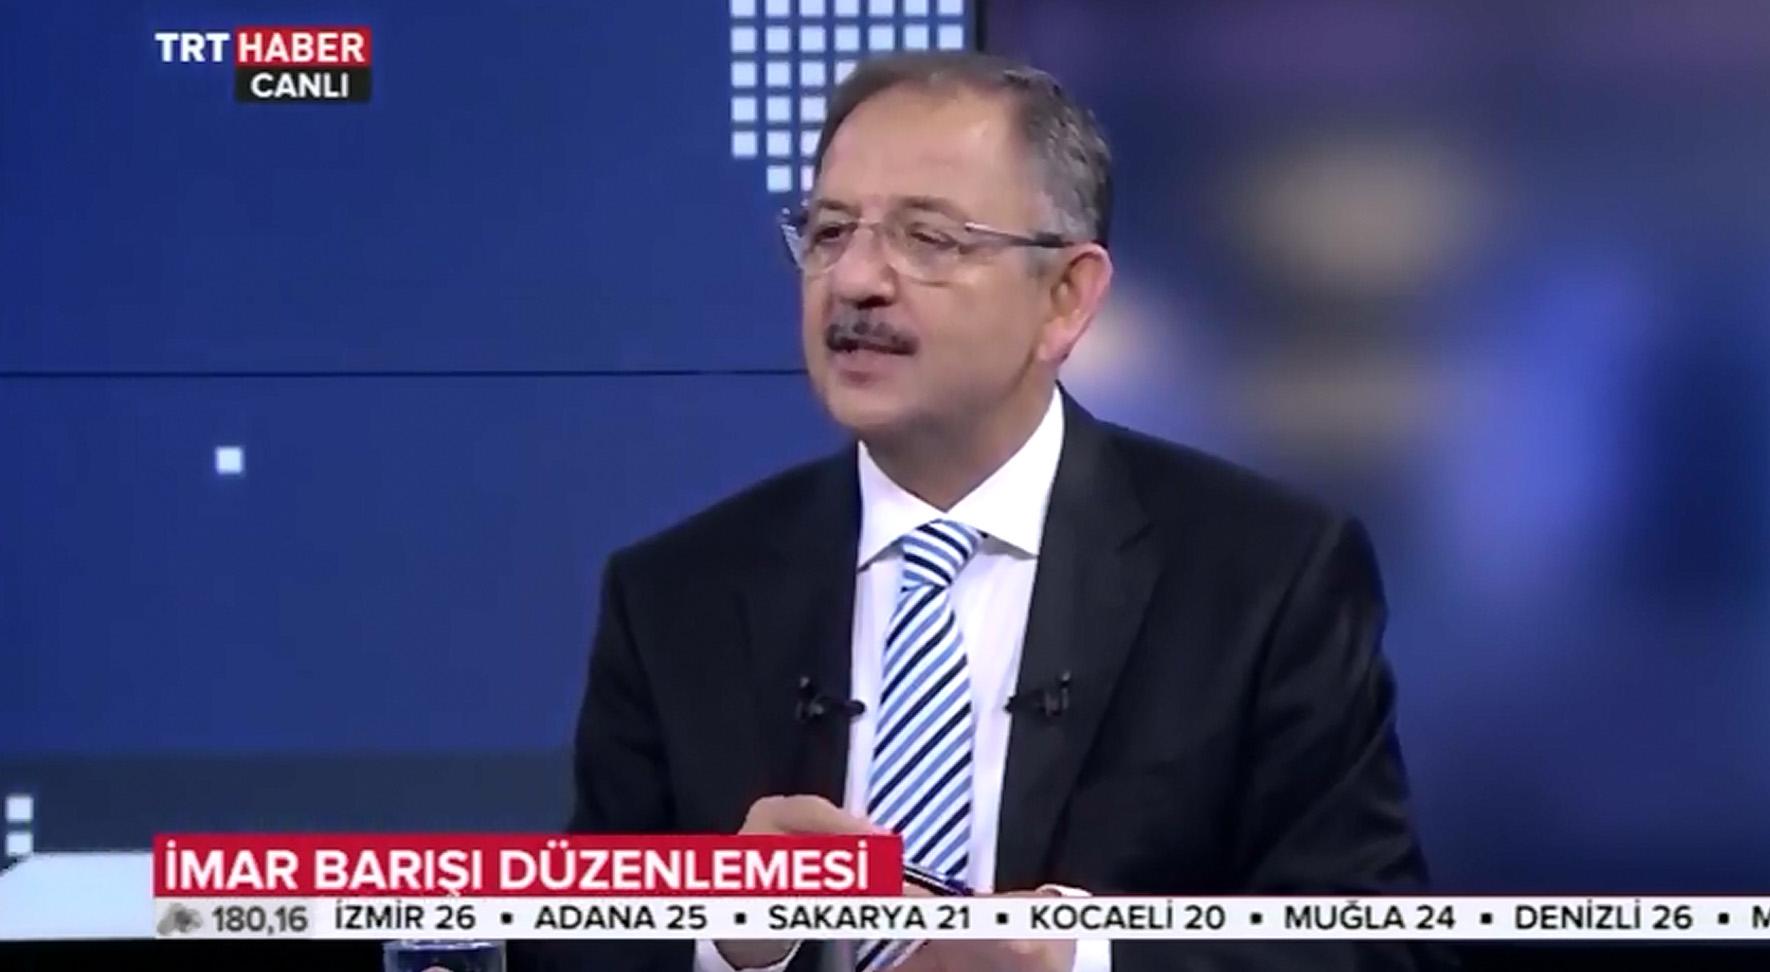 Bakan Özhaseki'nin TRT Haber Özel Röportajı 'Bölüm2'